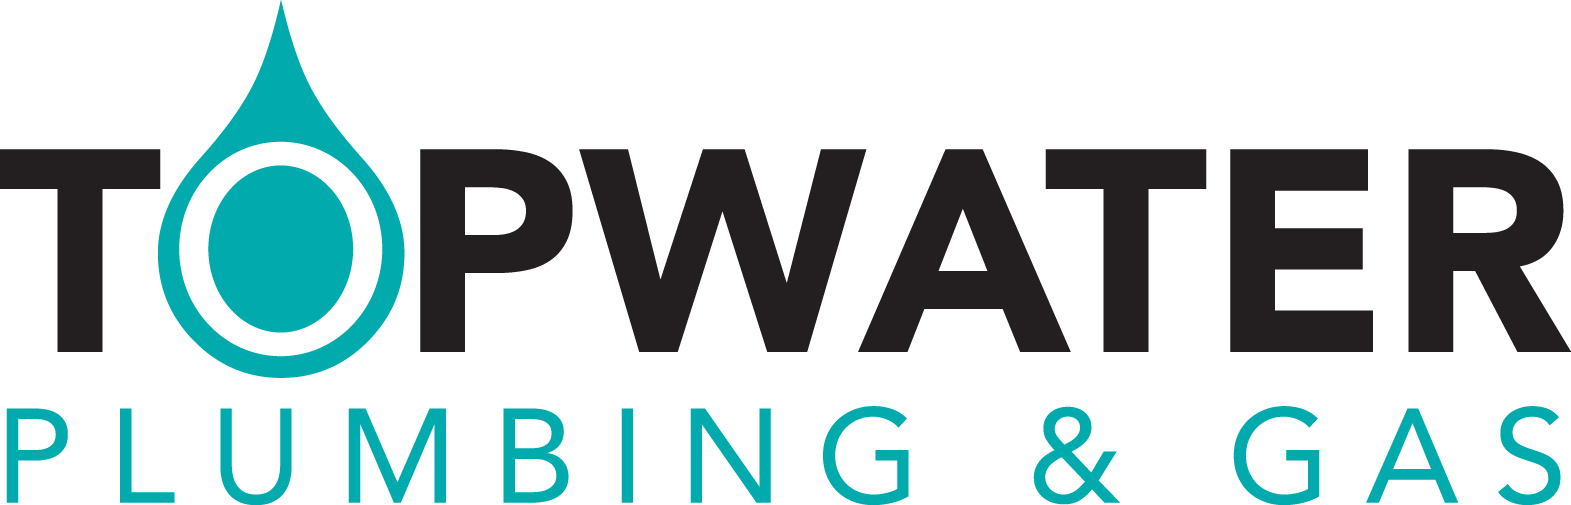 www.topwater.com.au